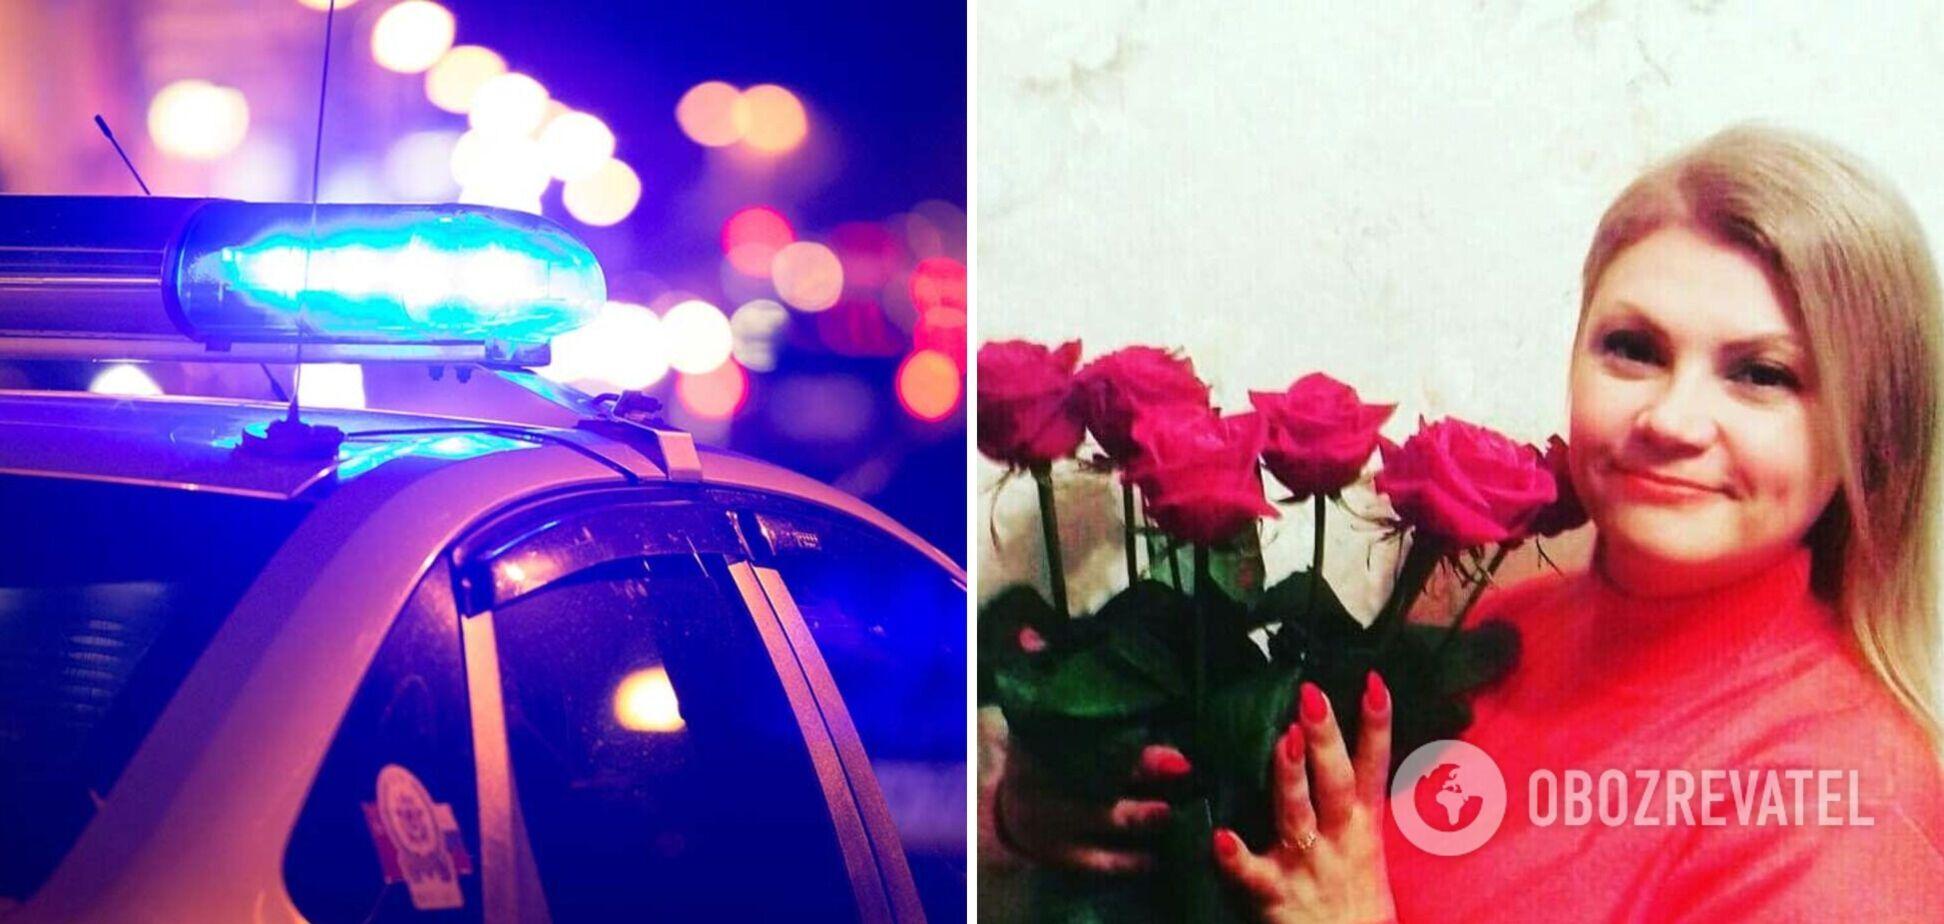 Вбивство поліцейської в Києві: підозрювана виявилася знайомою жертви, її затримали